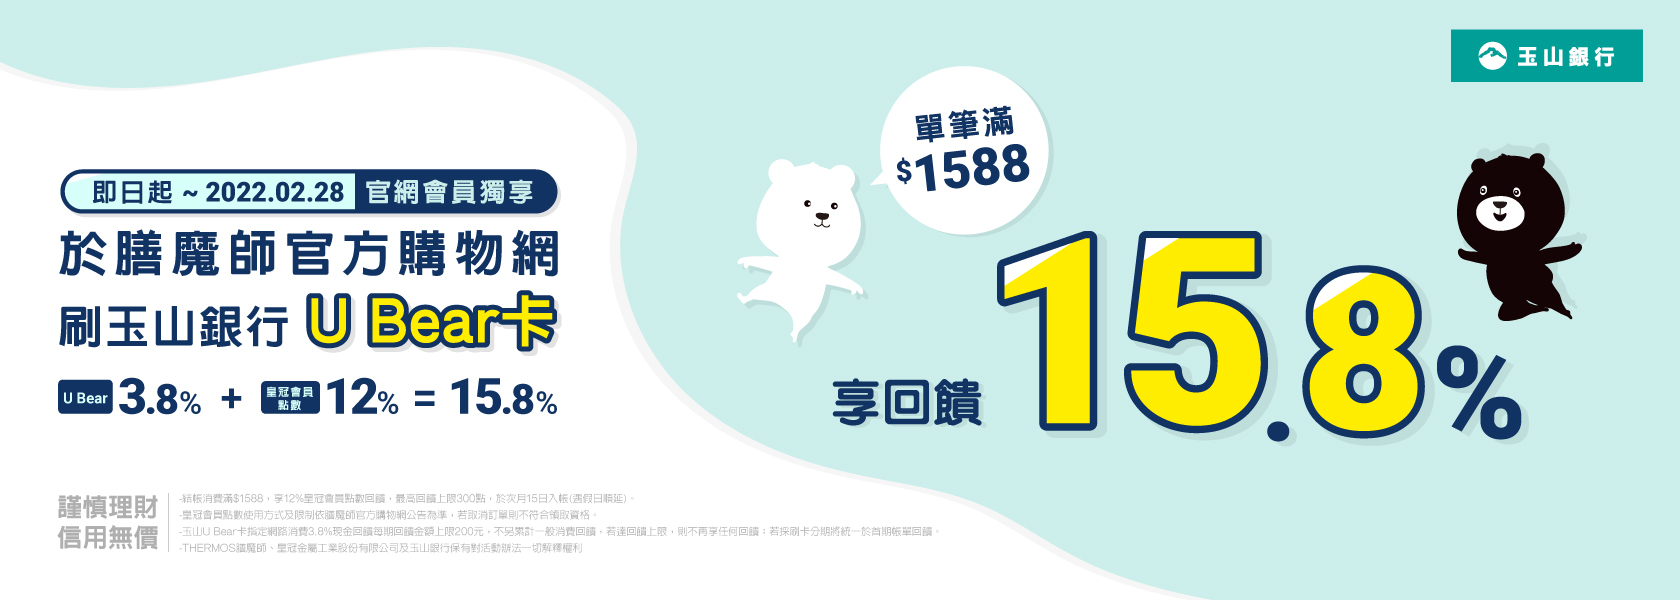 刷玉山Ubear卡,最高可享15.8%回饋